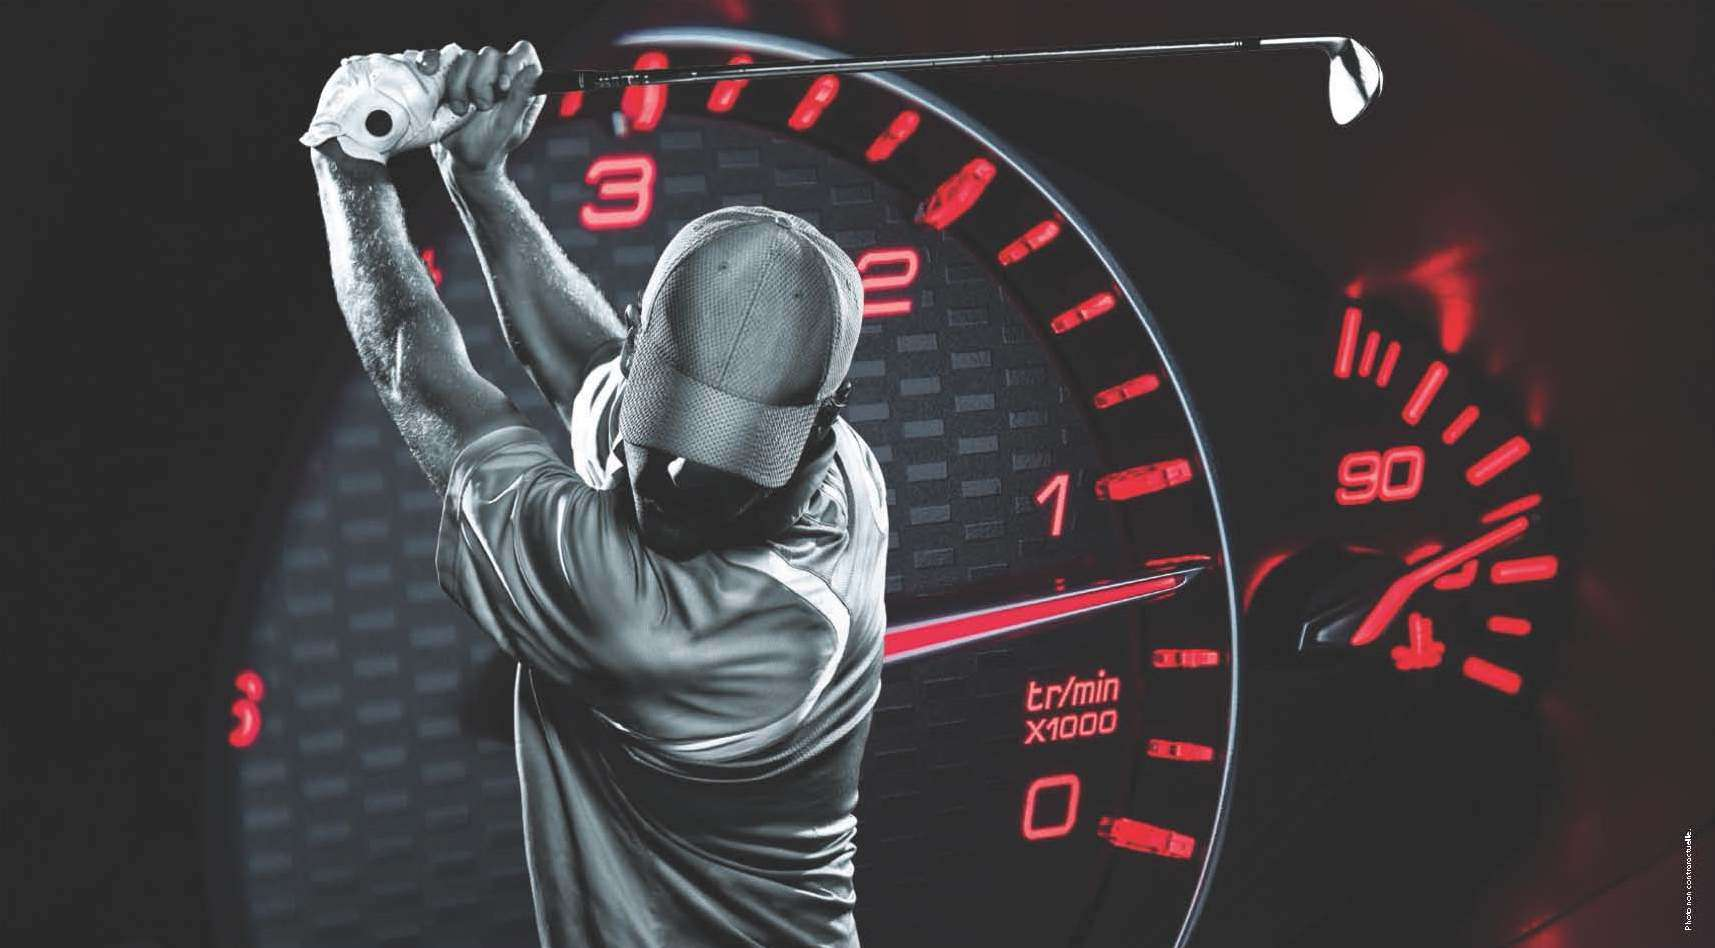 Peugeot Golf Tour 2016 - Visuel Officiel (Horizontal) - Image